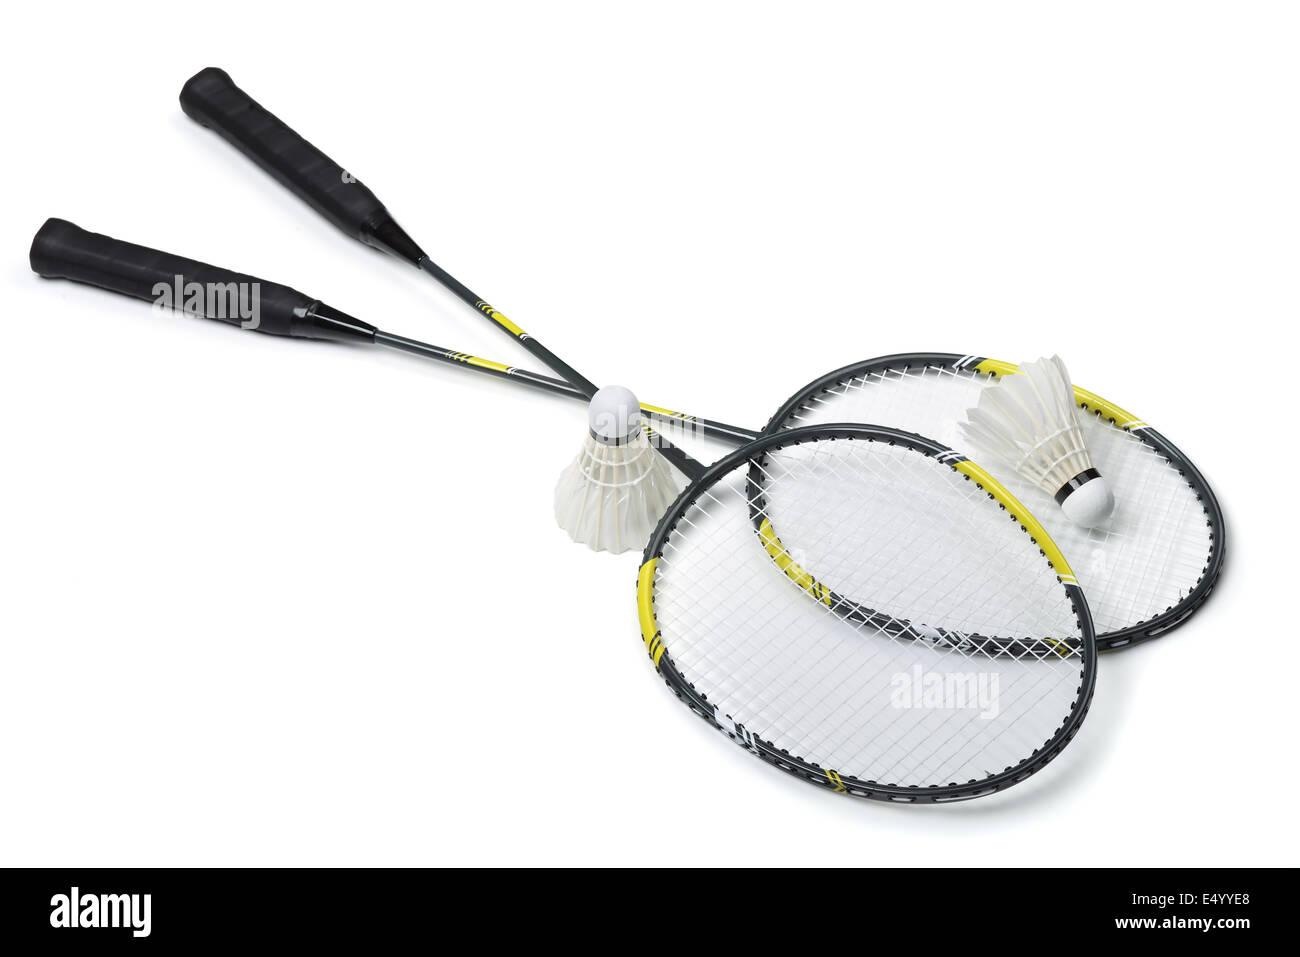 Raquetas de badminton y shuttlecocks aislado en blanco Imagen De Stock